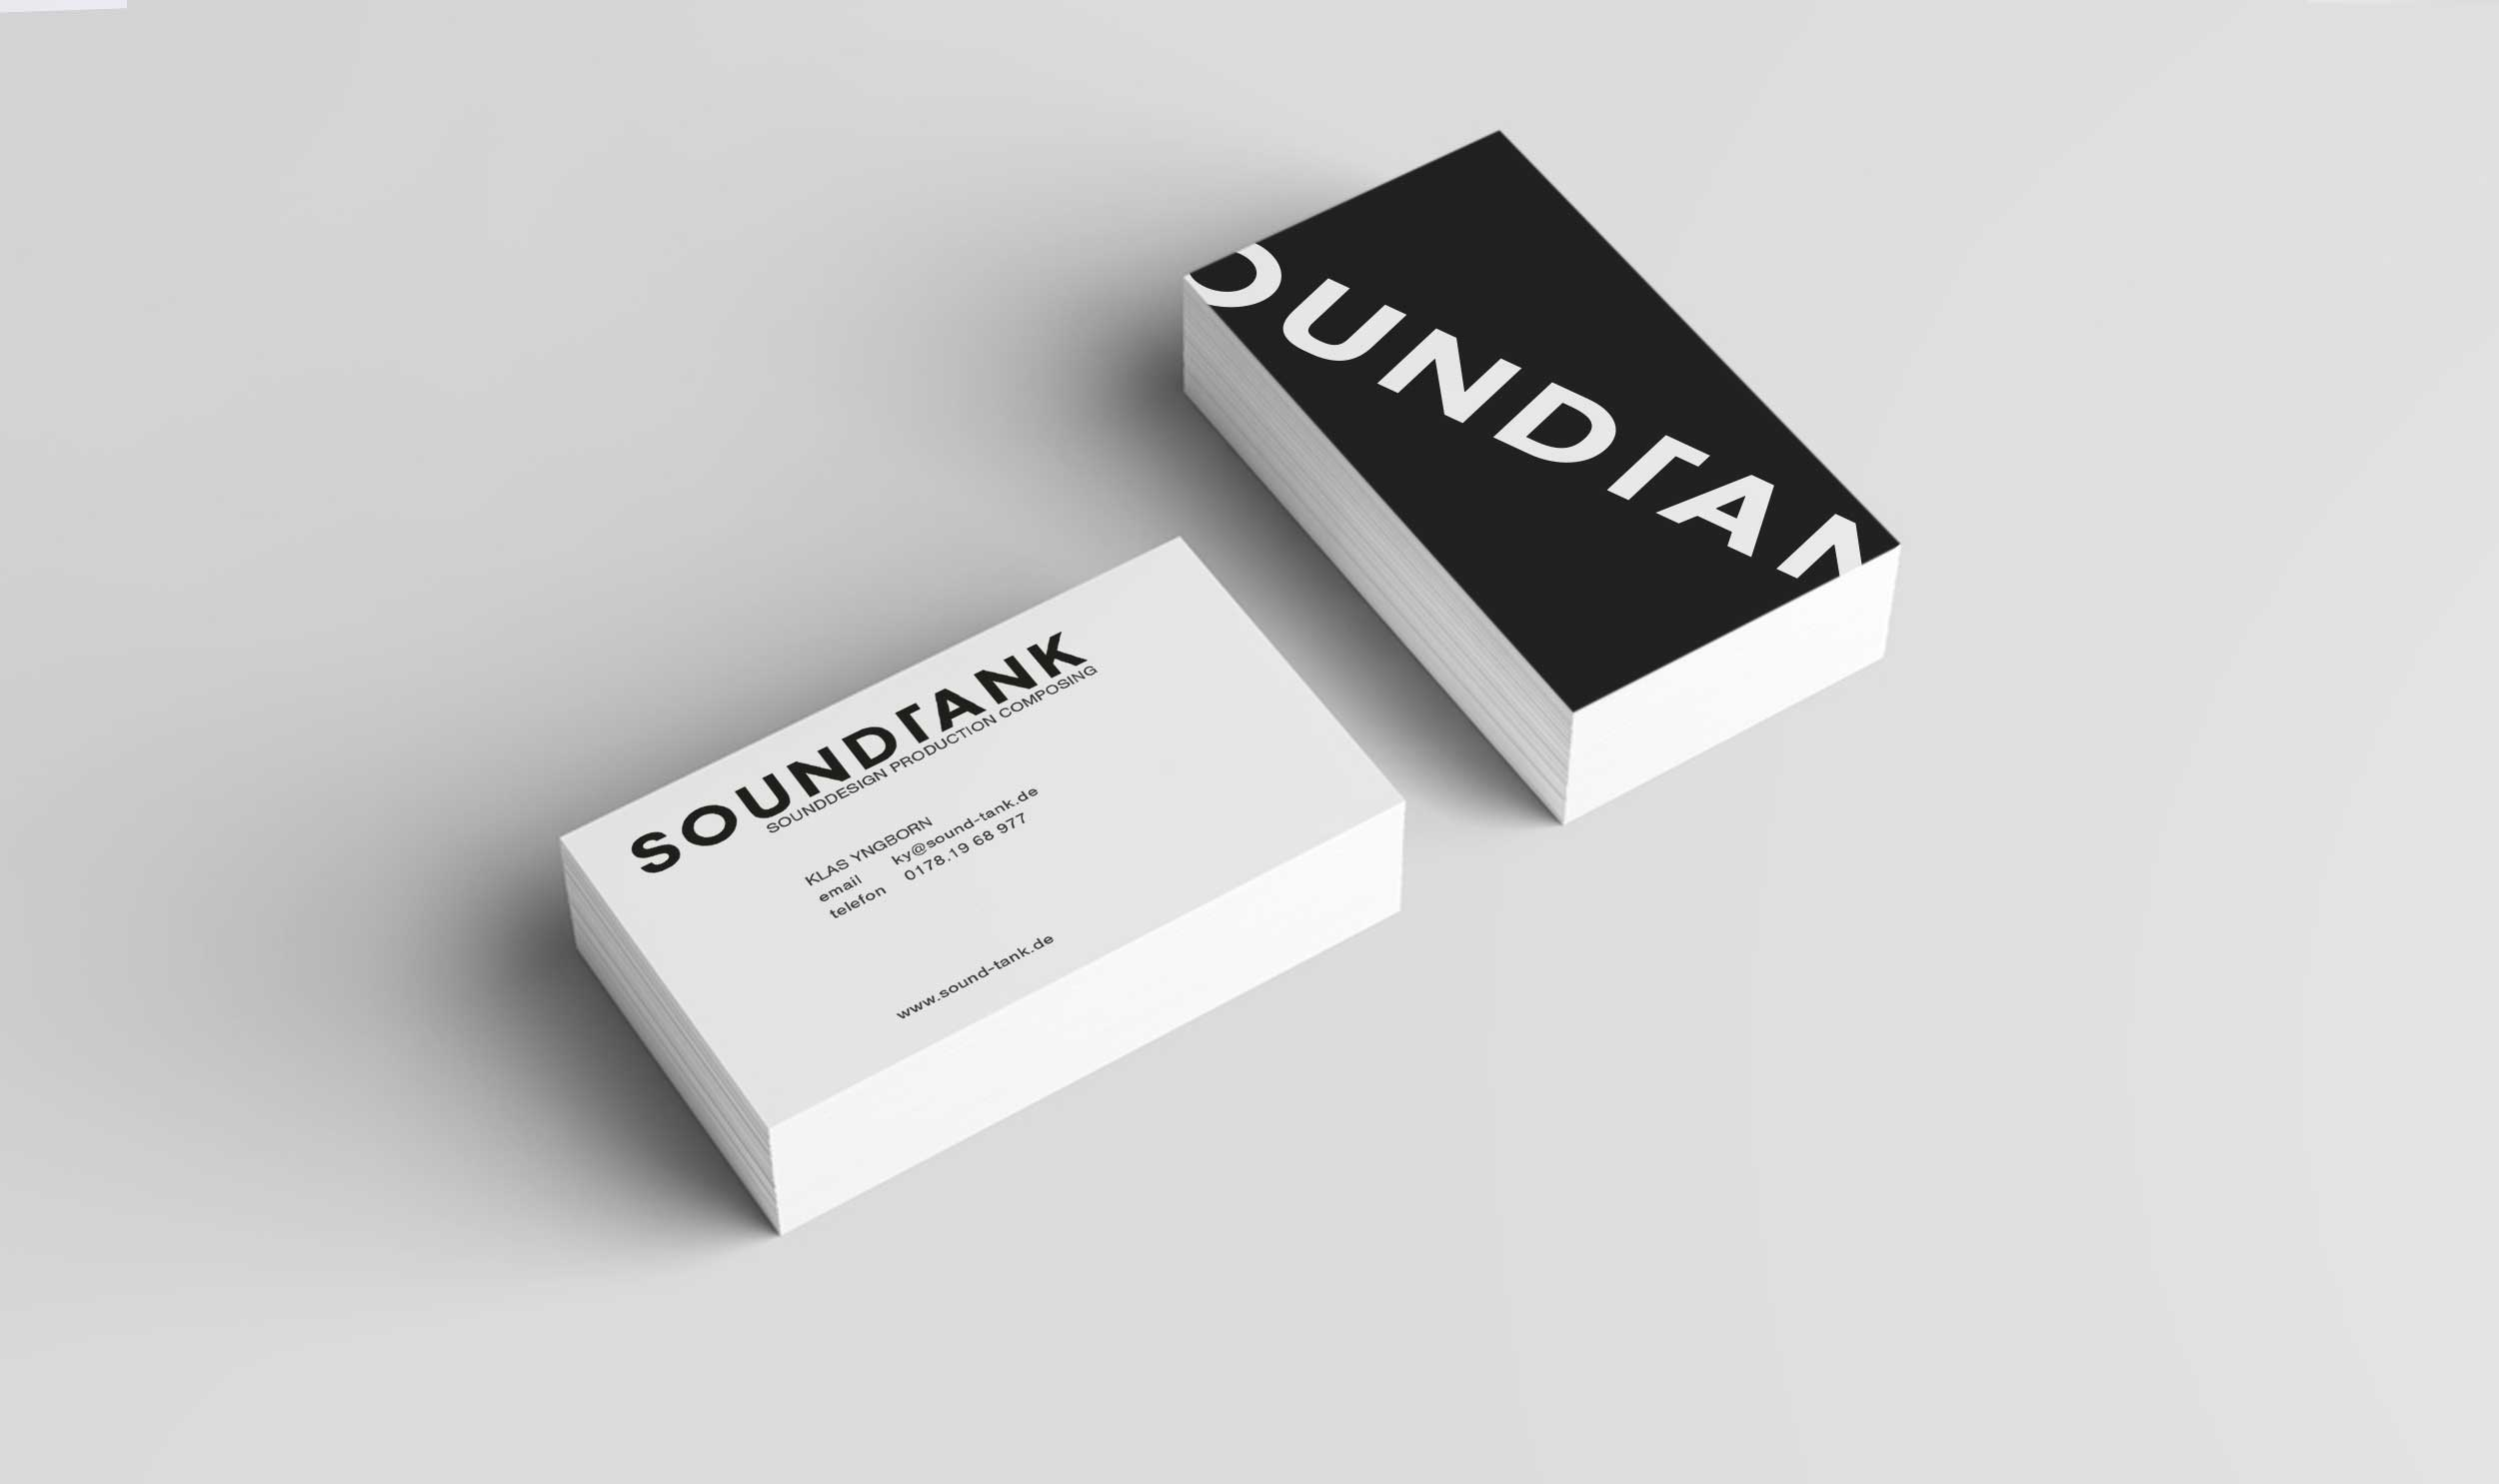 Soundtank_visits